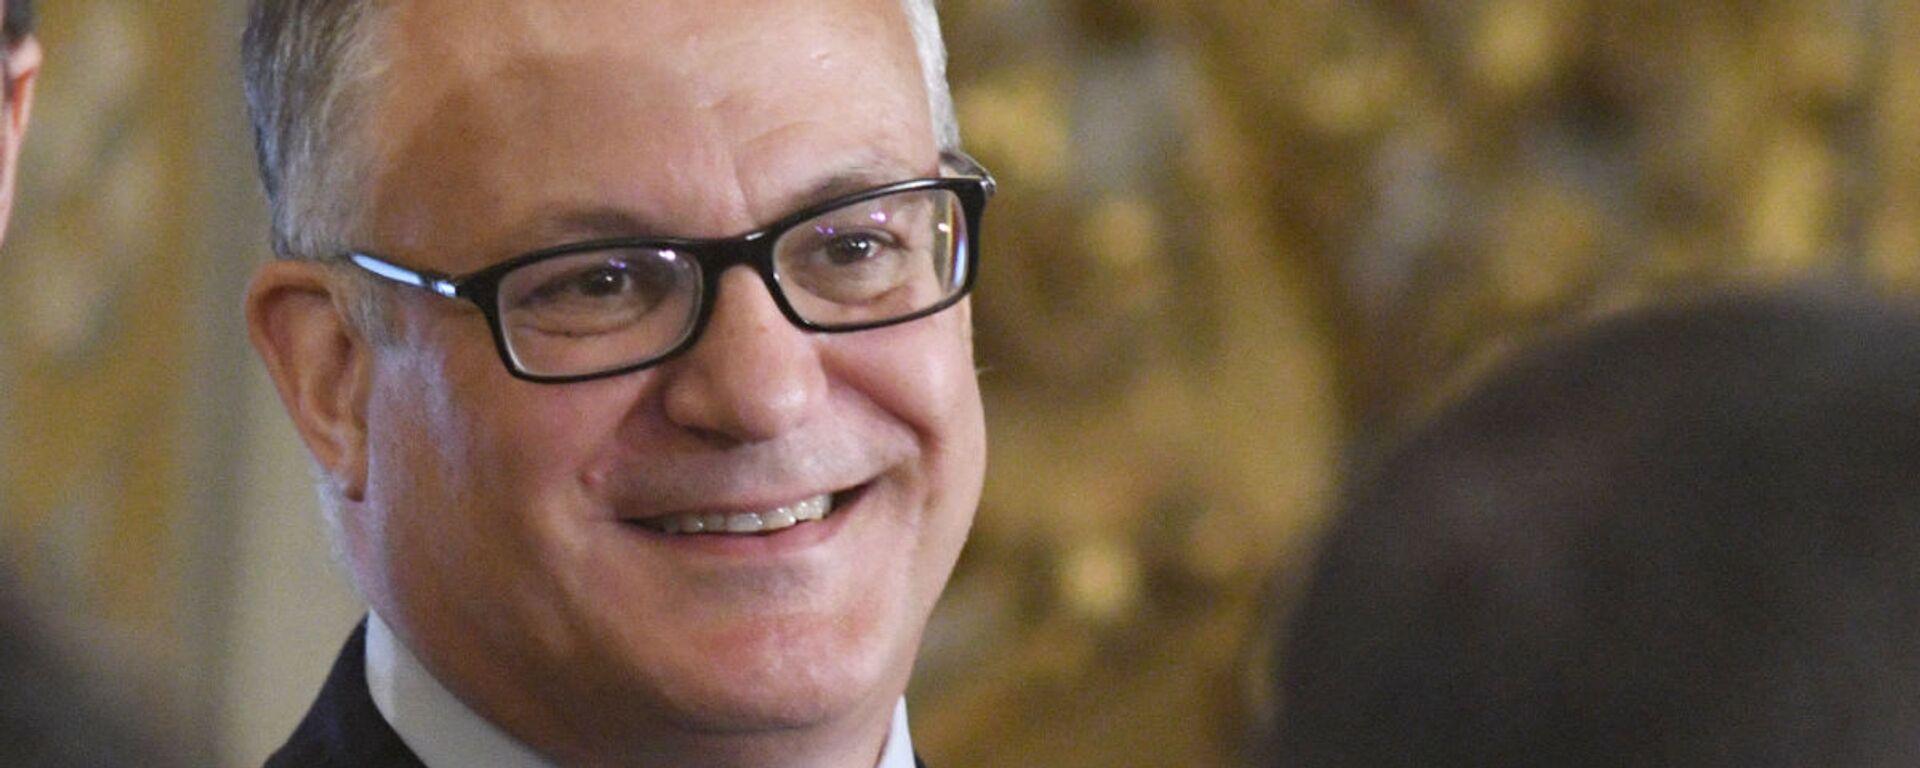 Roberto Gualtieri, Ministro dell'Economia e delle Finanze - Sputnik Italia, 1920, 10.05.2021